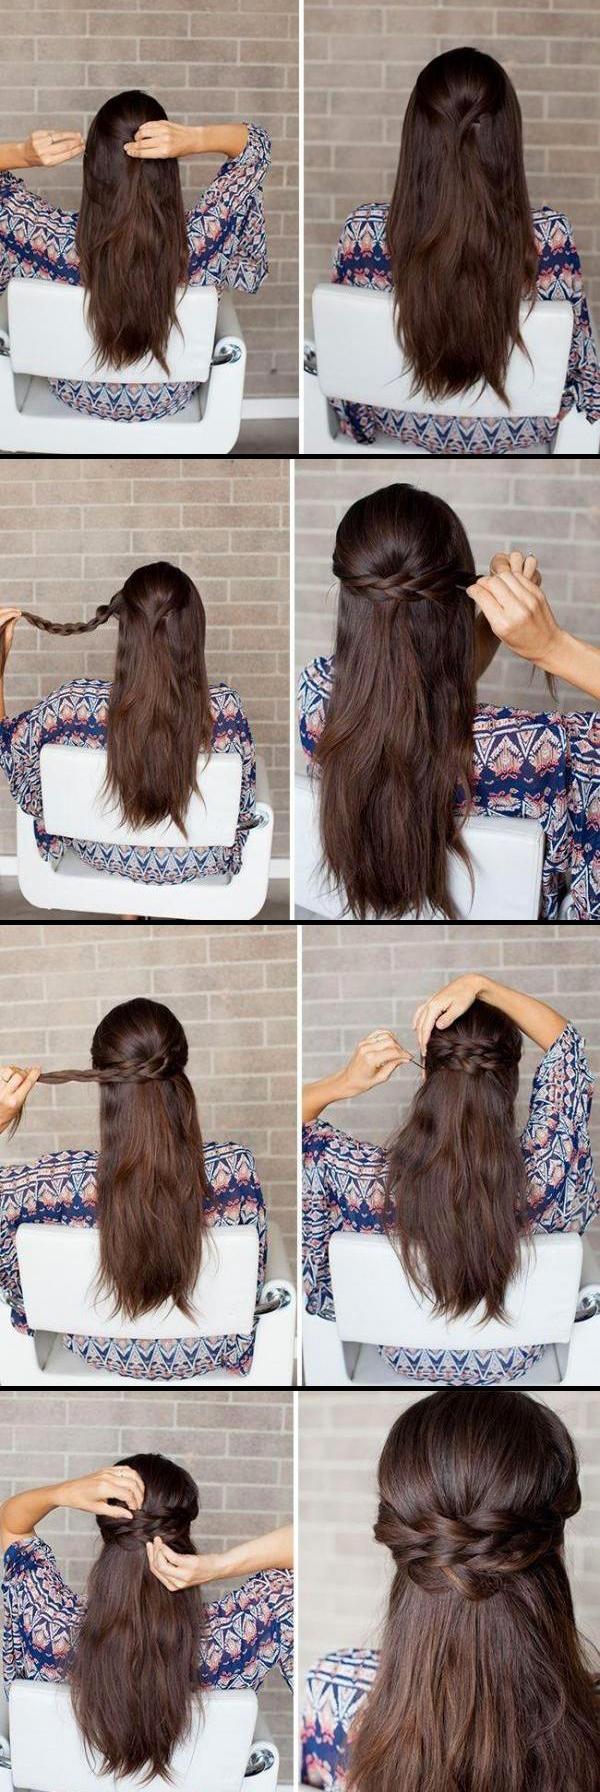 Причёска на длинные волосы своими руками густых